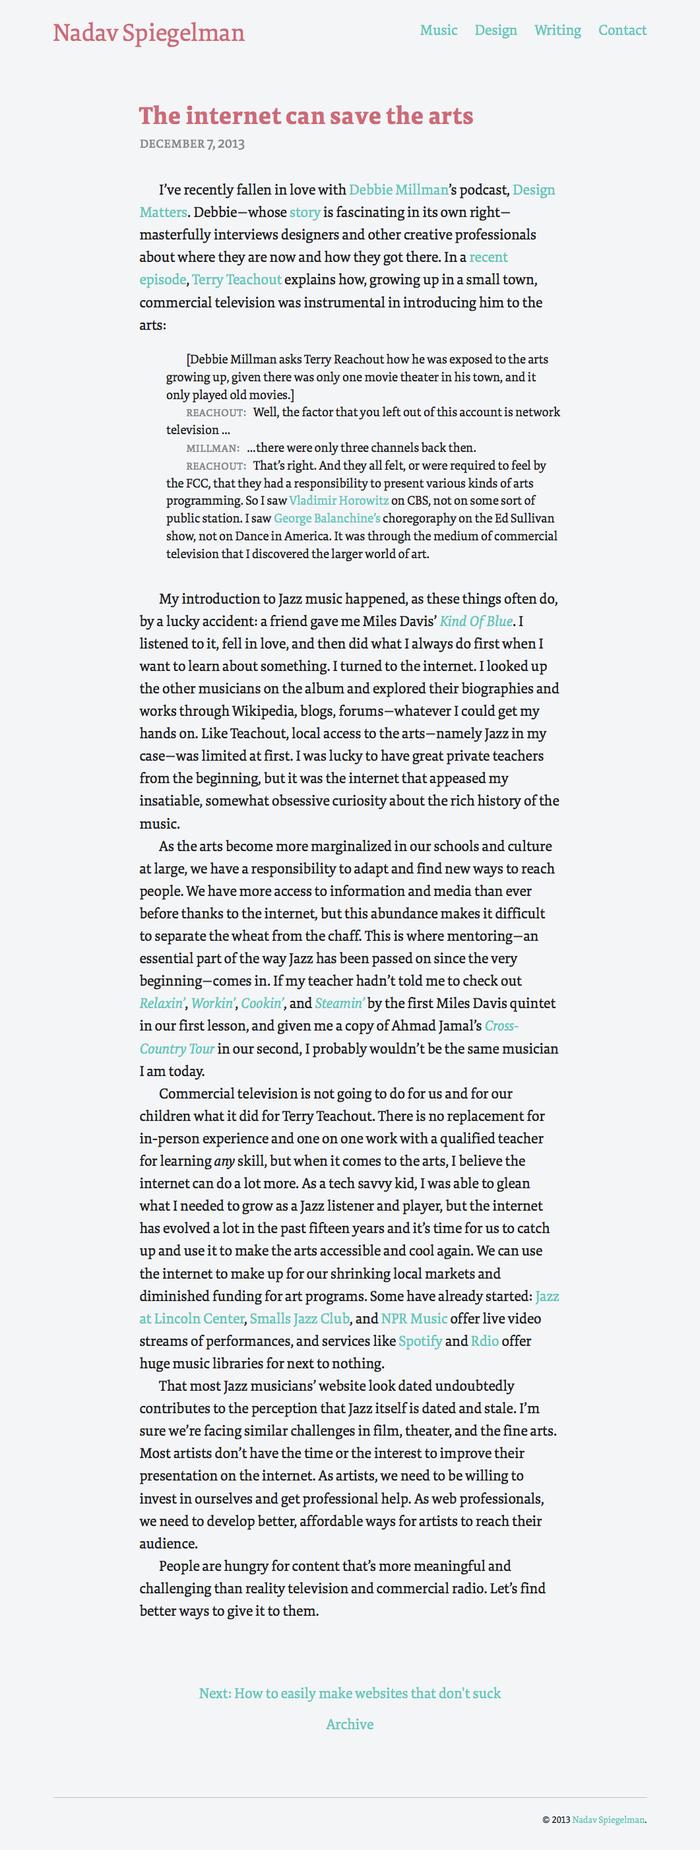 Nadav Spiegelman personal site 3